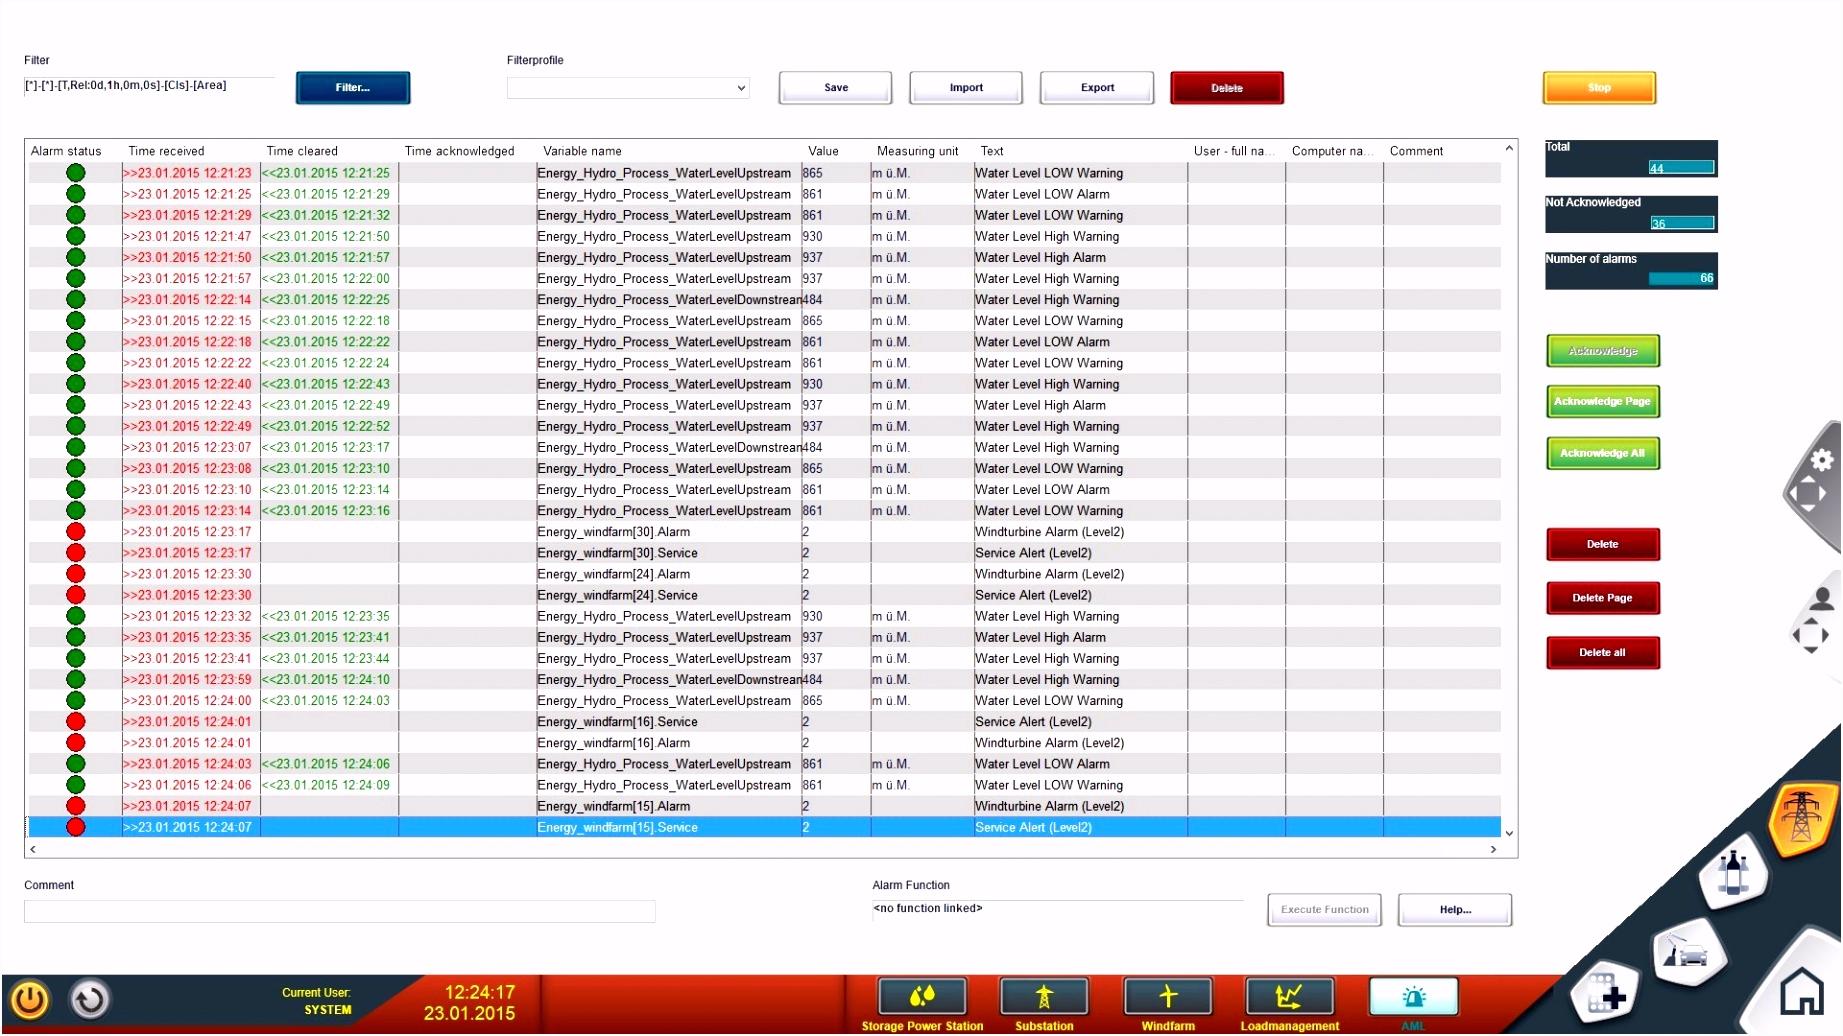 Nebenkostenabrechnung Vorlage Kostenlos Nebenkostenabrechnung Excel Vorlage Von Nebenkostenabrechnung Excel U5ih65nse3 Bsogs6khns